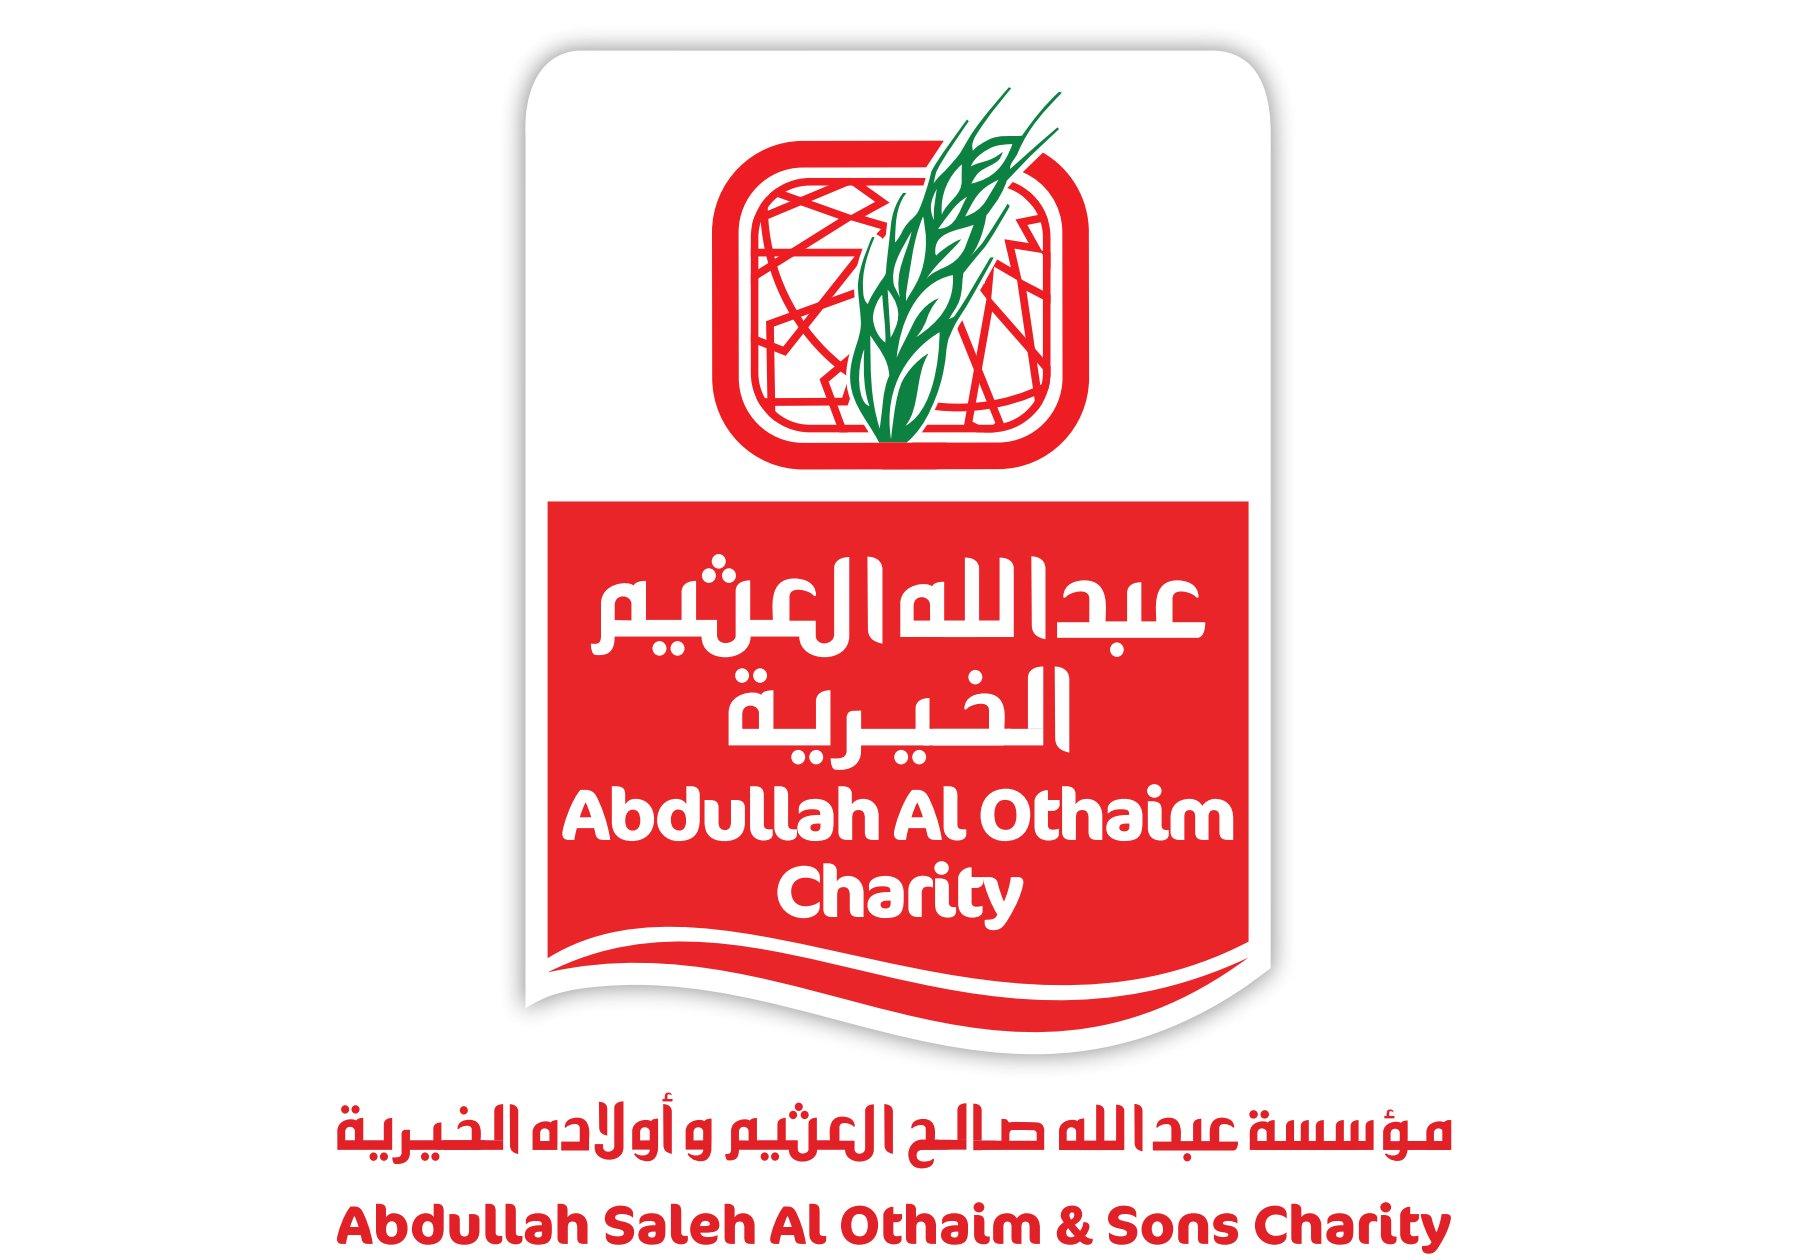 مؤسسة الشيخ / عبدالله بن صالح العثيم و أولاده الخيرية